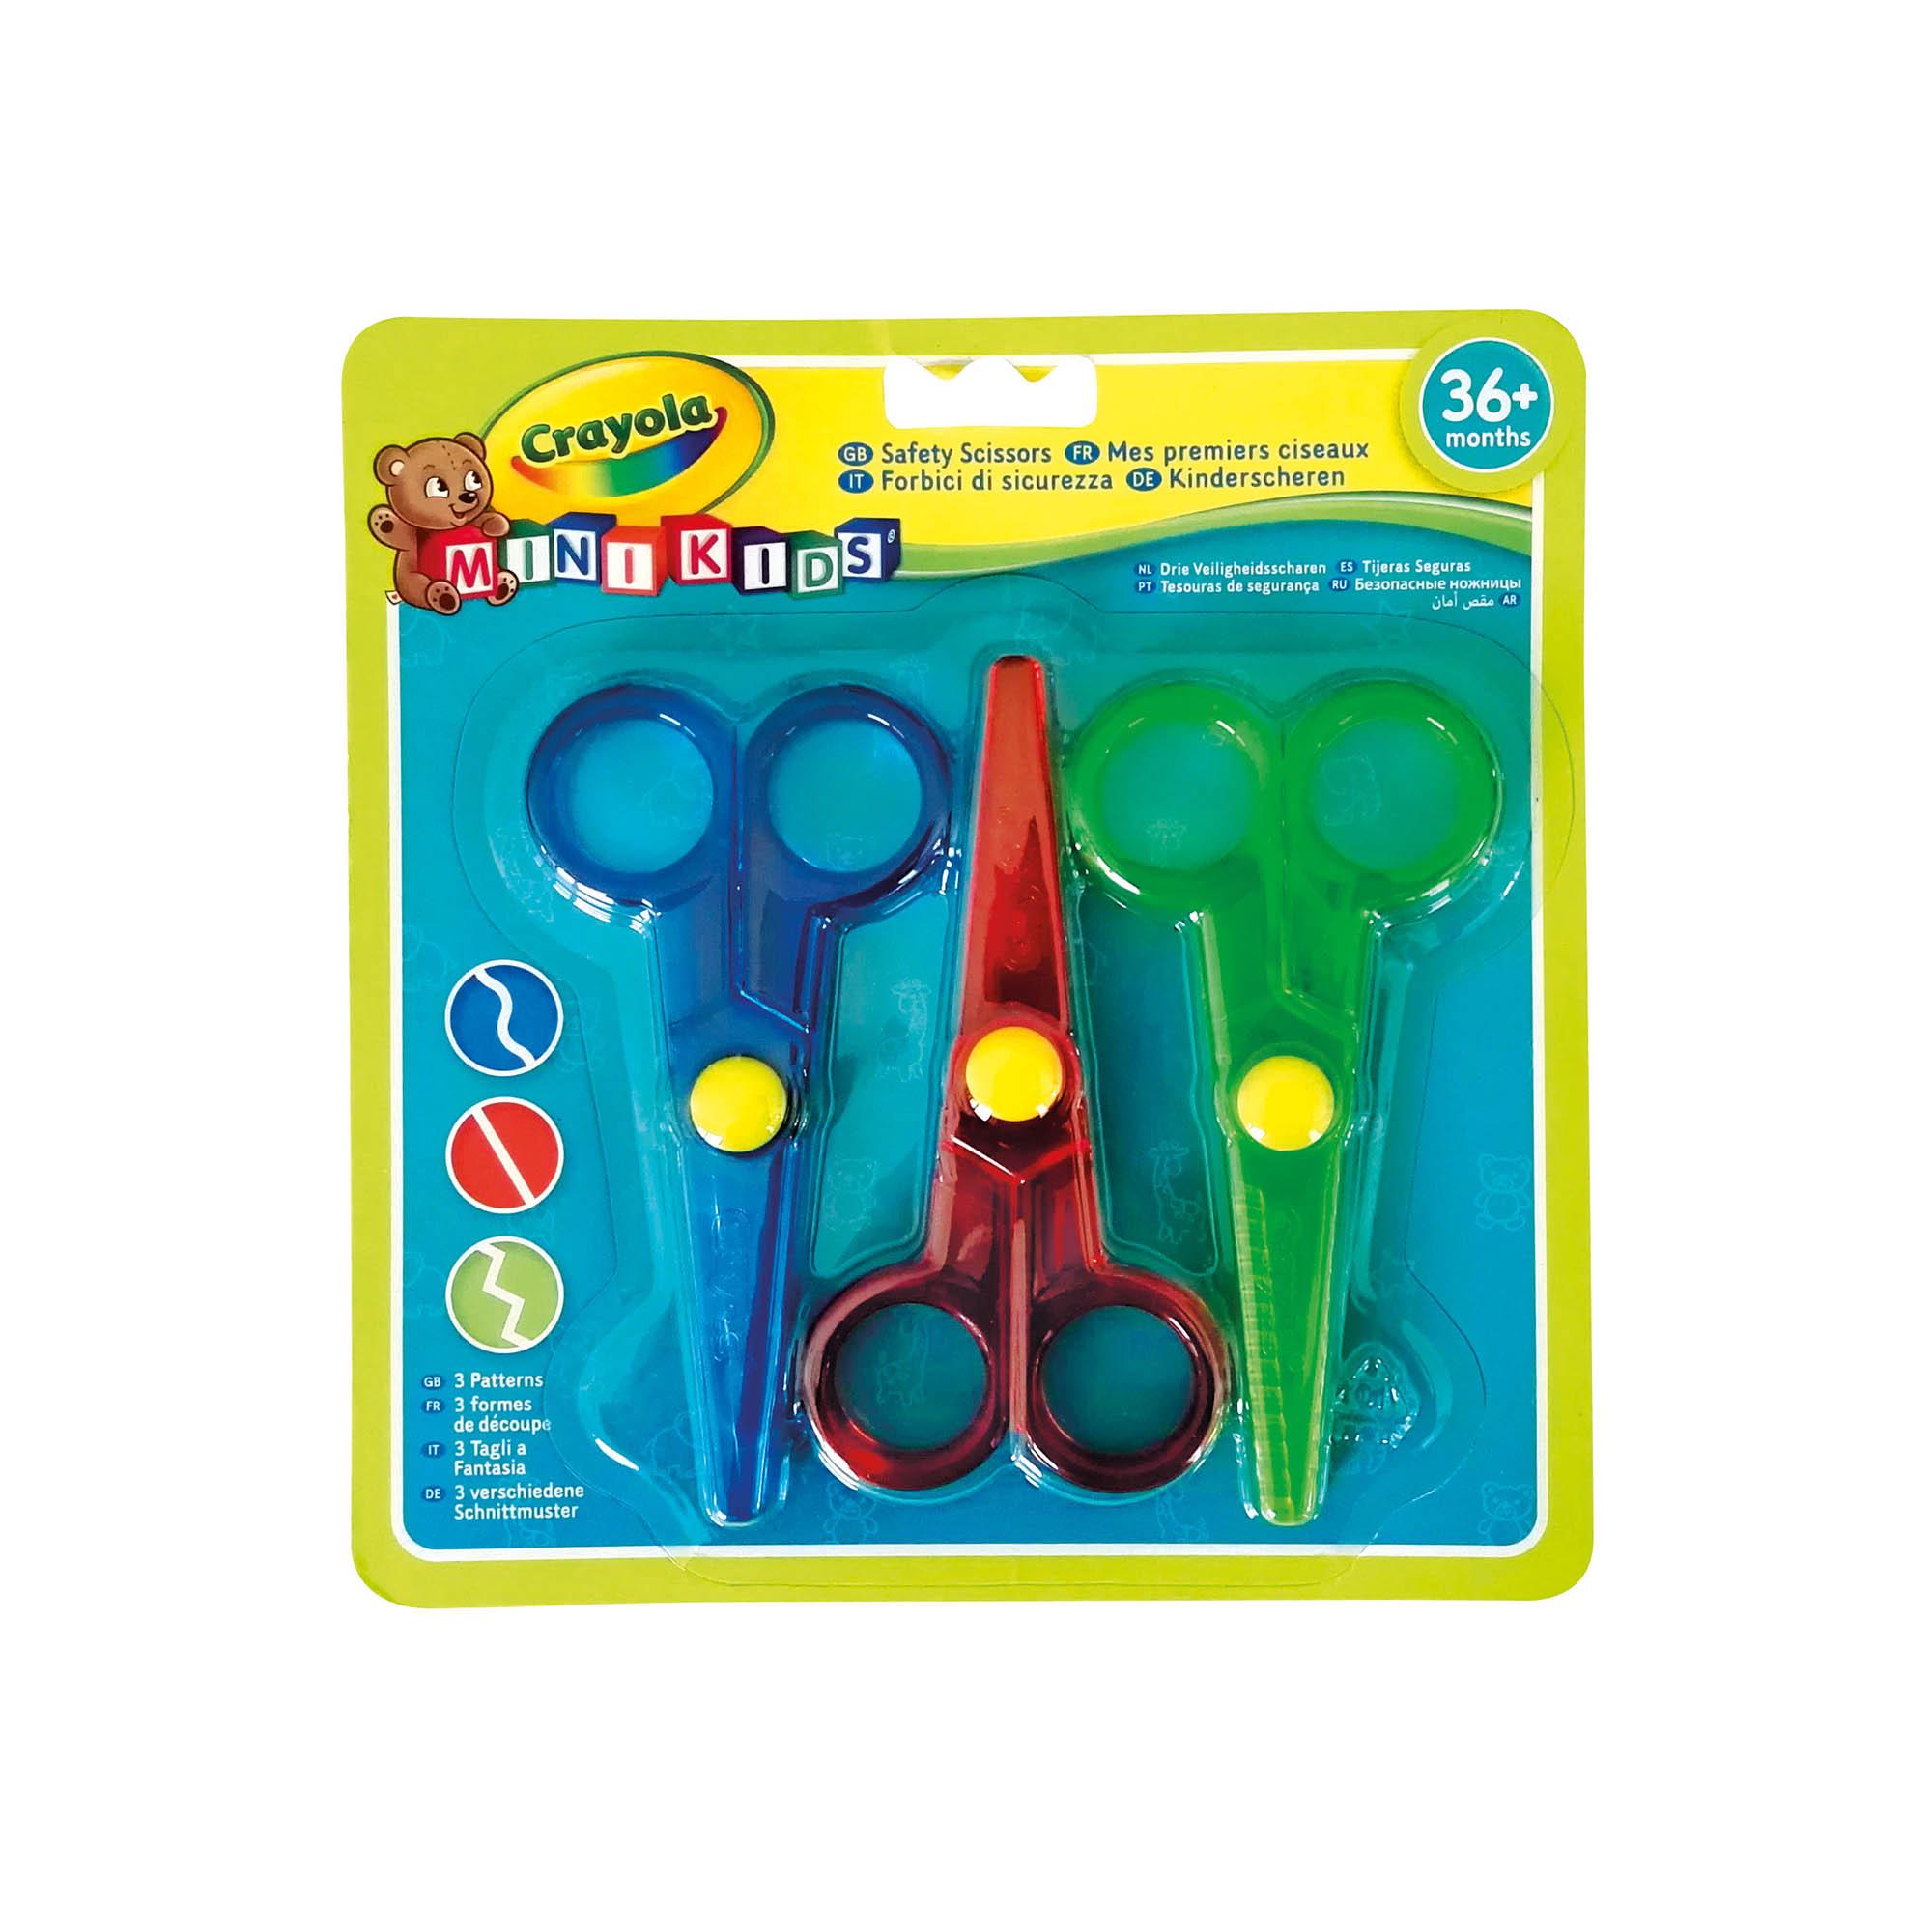 S-TROUBLE 6 Pezzi Forbici Colorate ad Anello per Bambini Easy Grip Self-Opening Scissor Safety Punta Tonda Taglio adattivo Colore Casuale